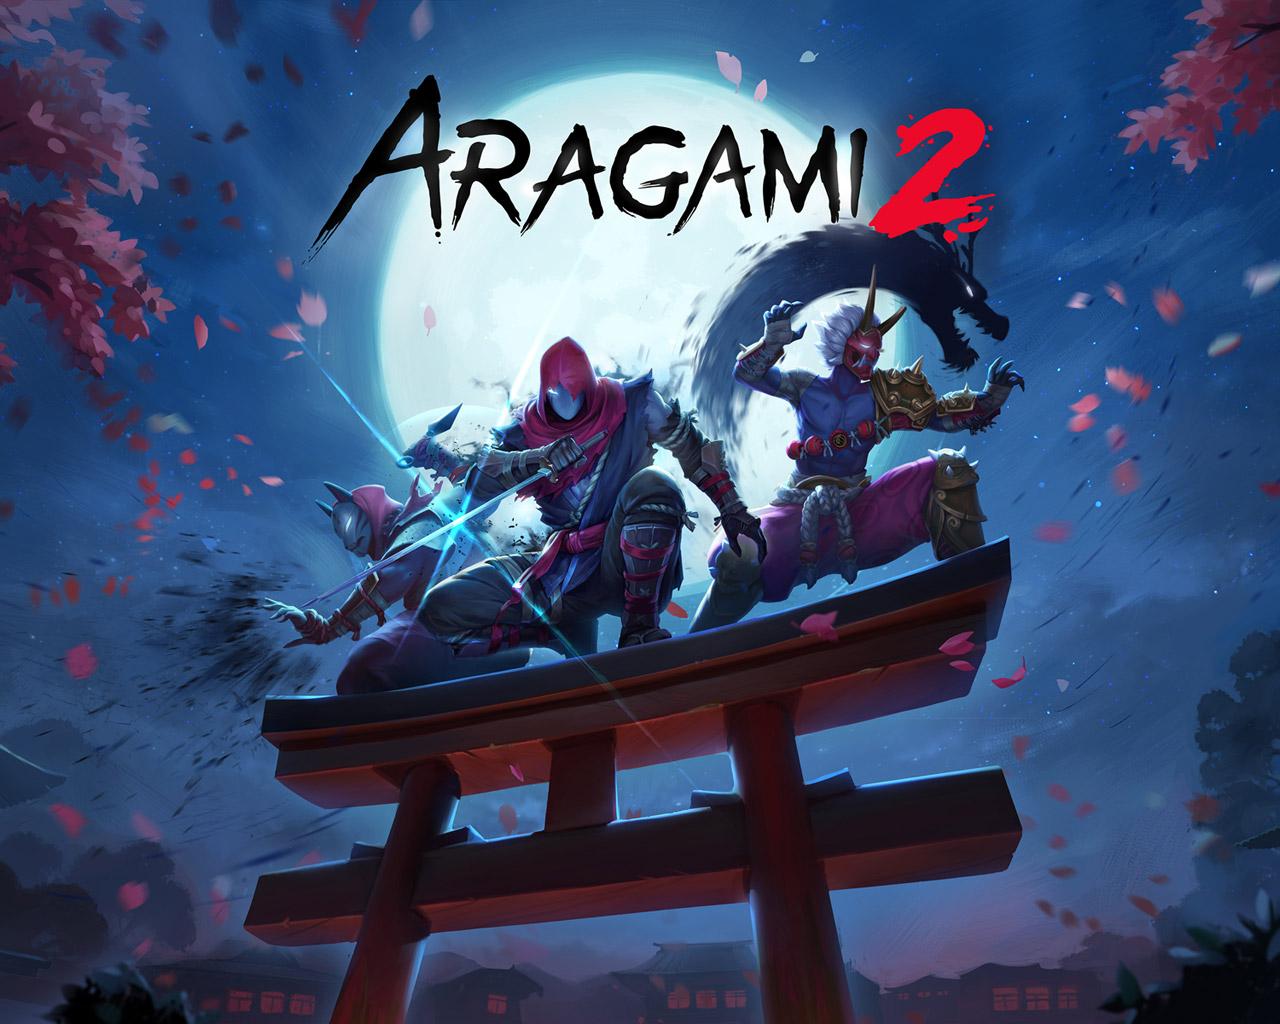 Free Aragami 2 Wallpaper in 1280x1024